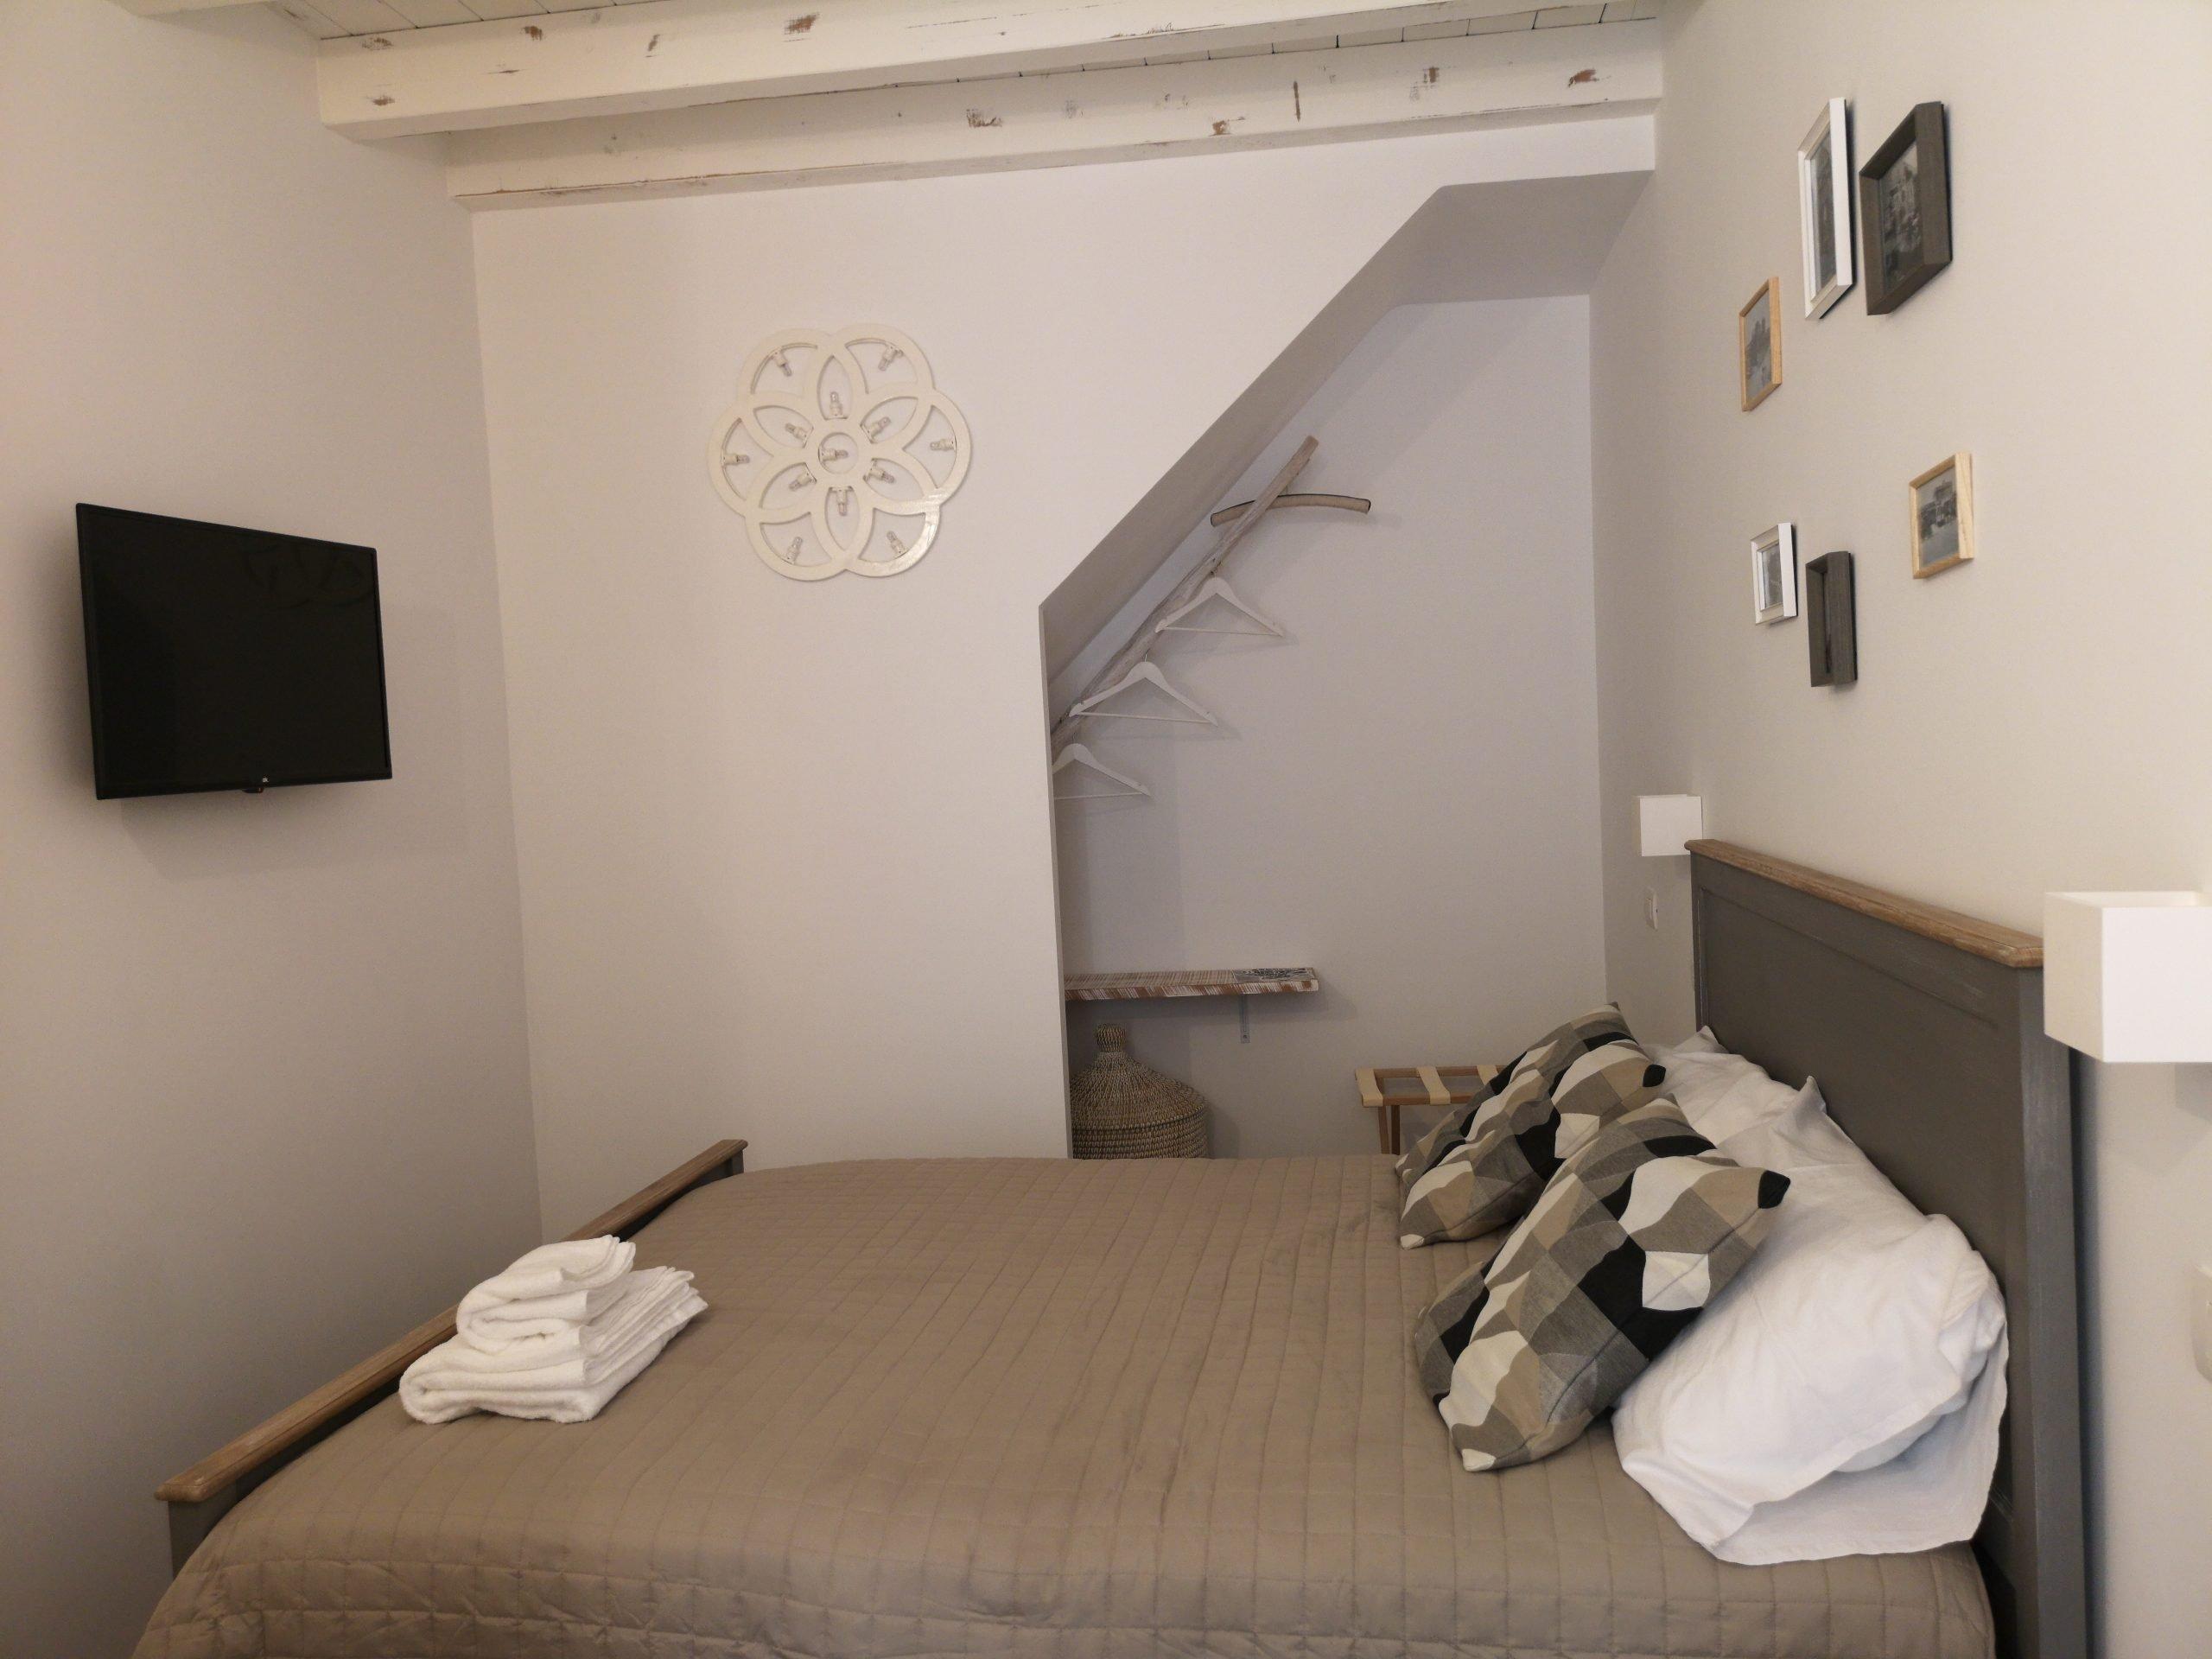 interni atipico B&B, Bari Vecchia